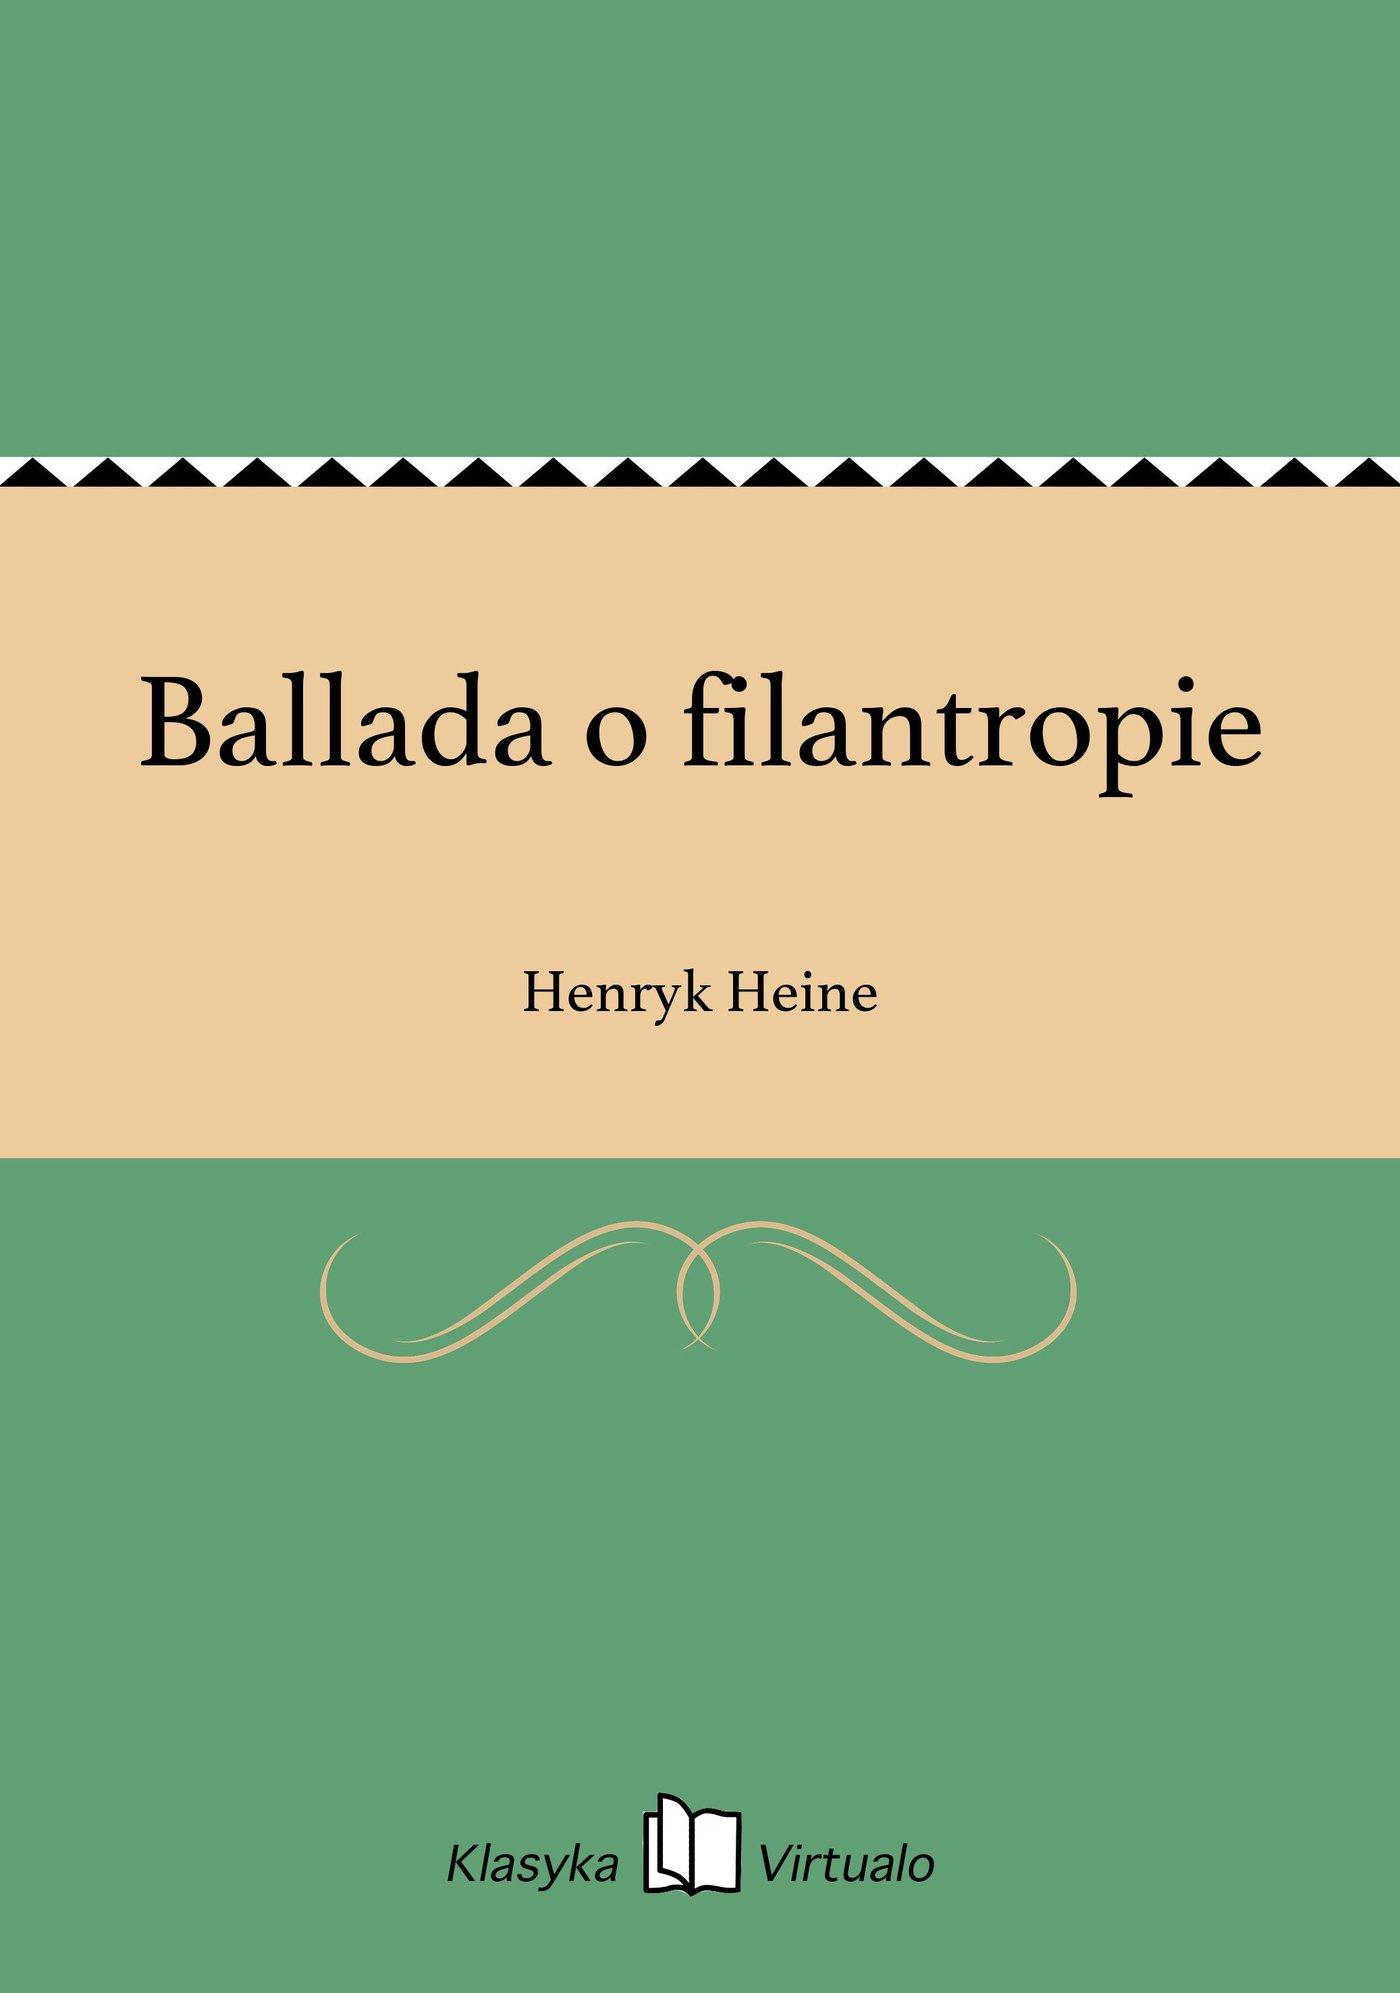 Ballada o filantropie - Ebook (Książka EPUB) do pobrania w formacie EPUB